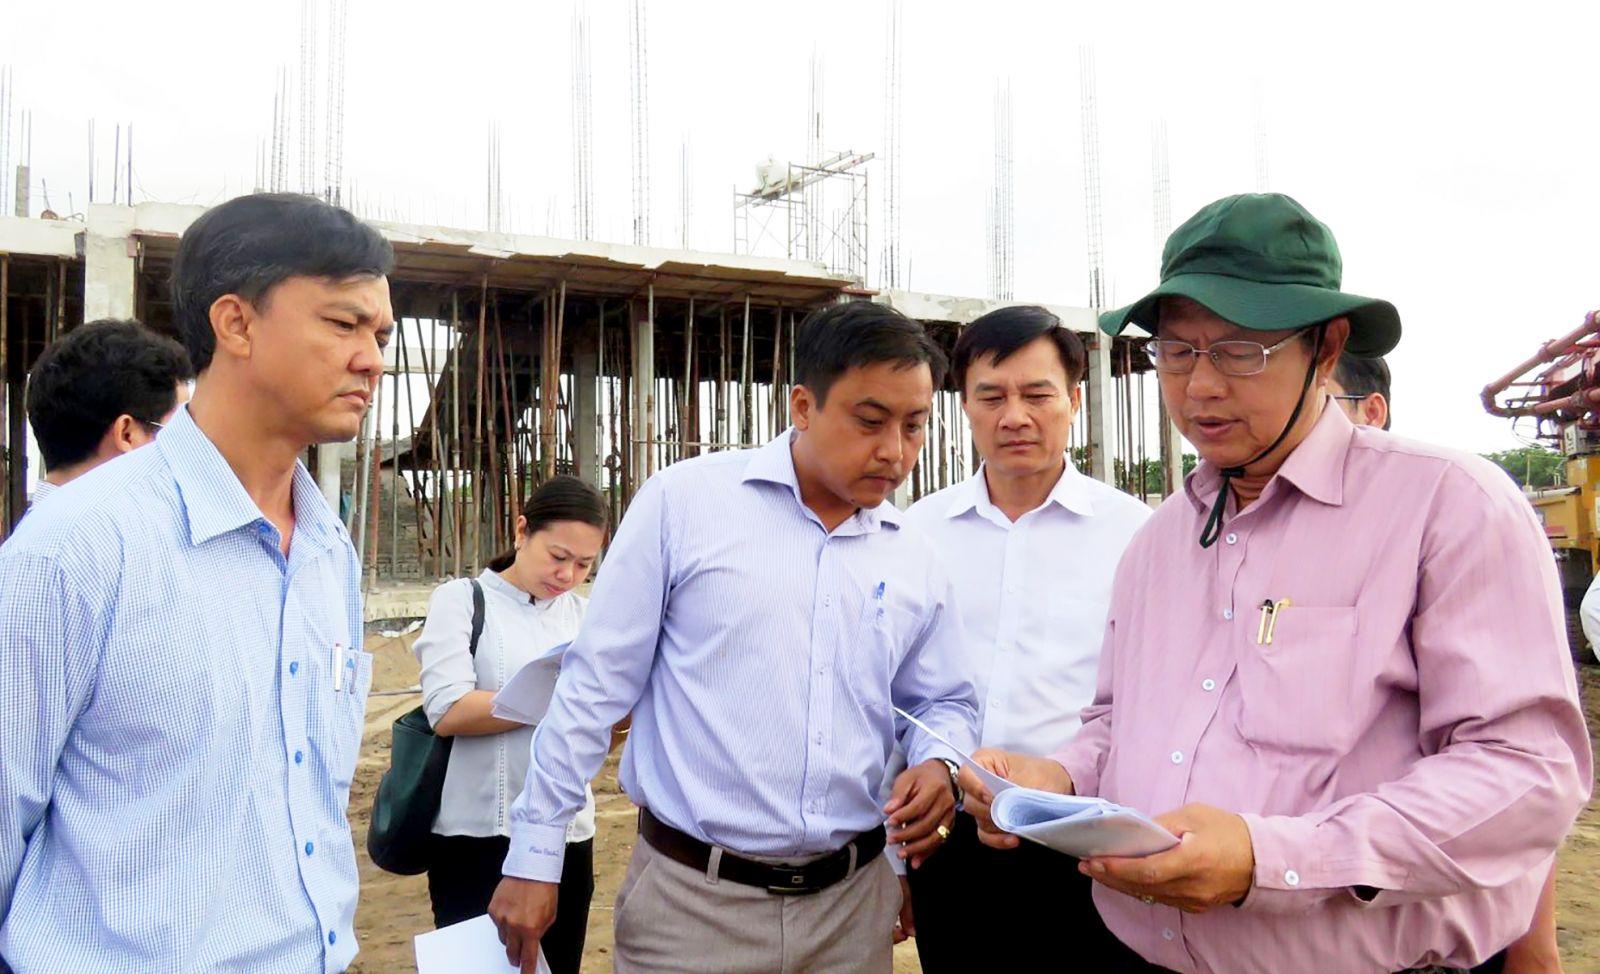 Ông Lê Văn Tâm, Phó Chủ tịch Thường trực UBND TP Cần Thơ (bìa phải) cùng các sở ngành kiểm tra công trình Trường Mầm non Phước Thới 3. Ảnh: B.NGỌC